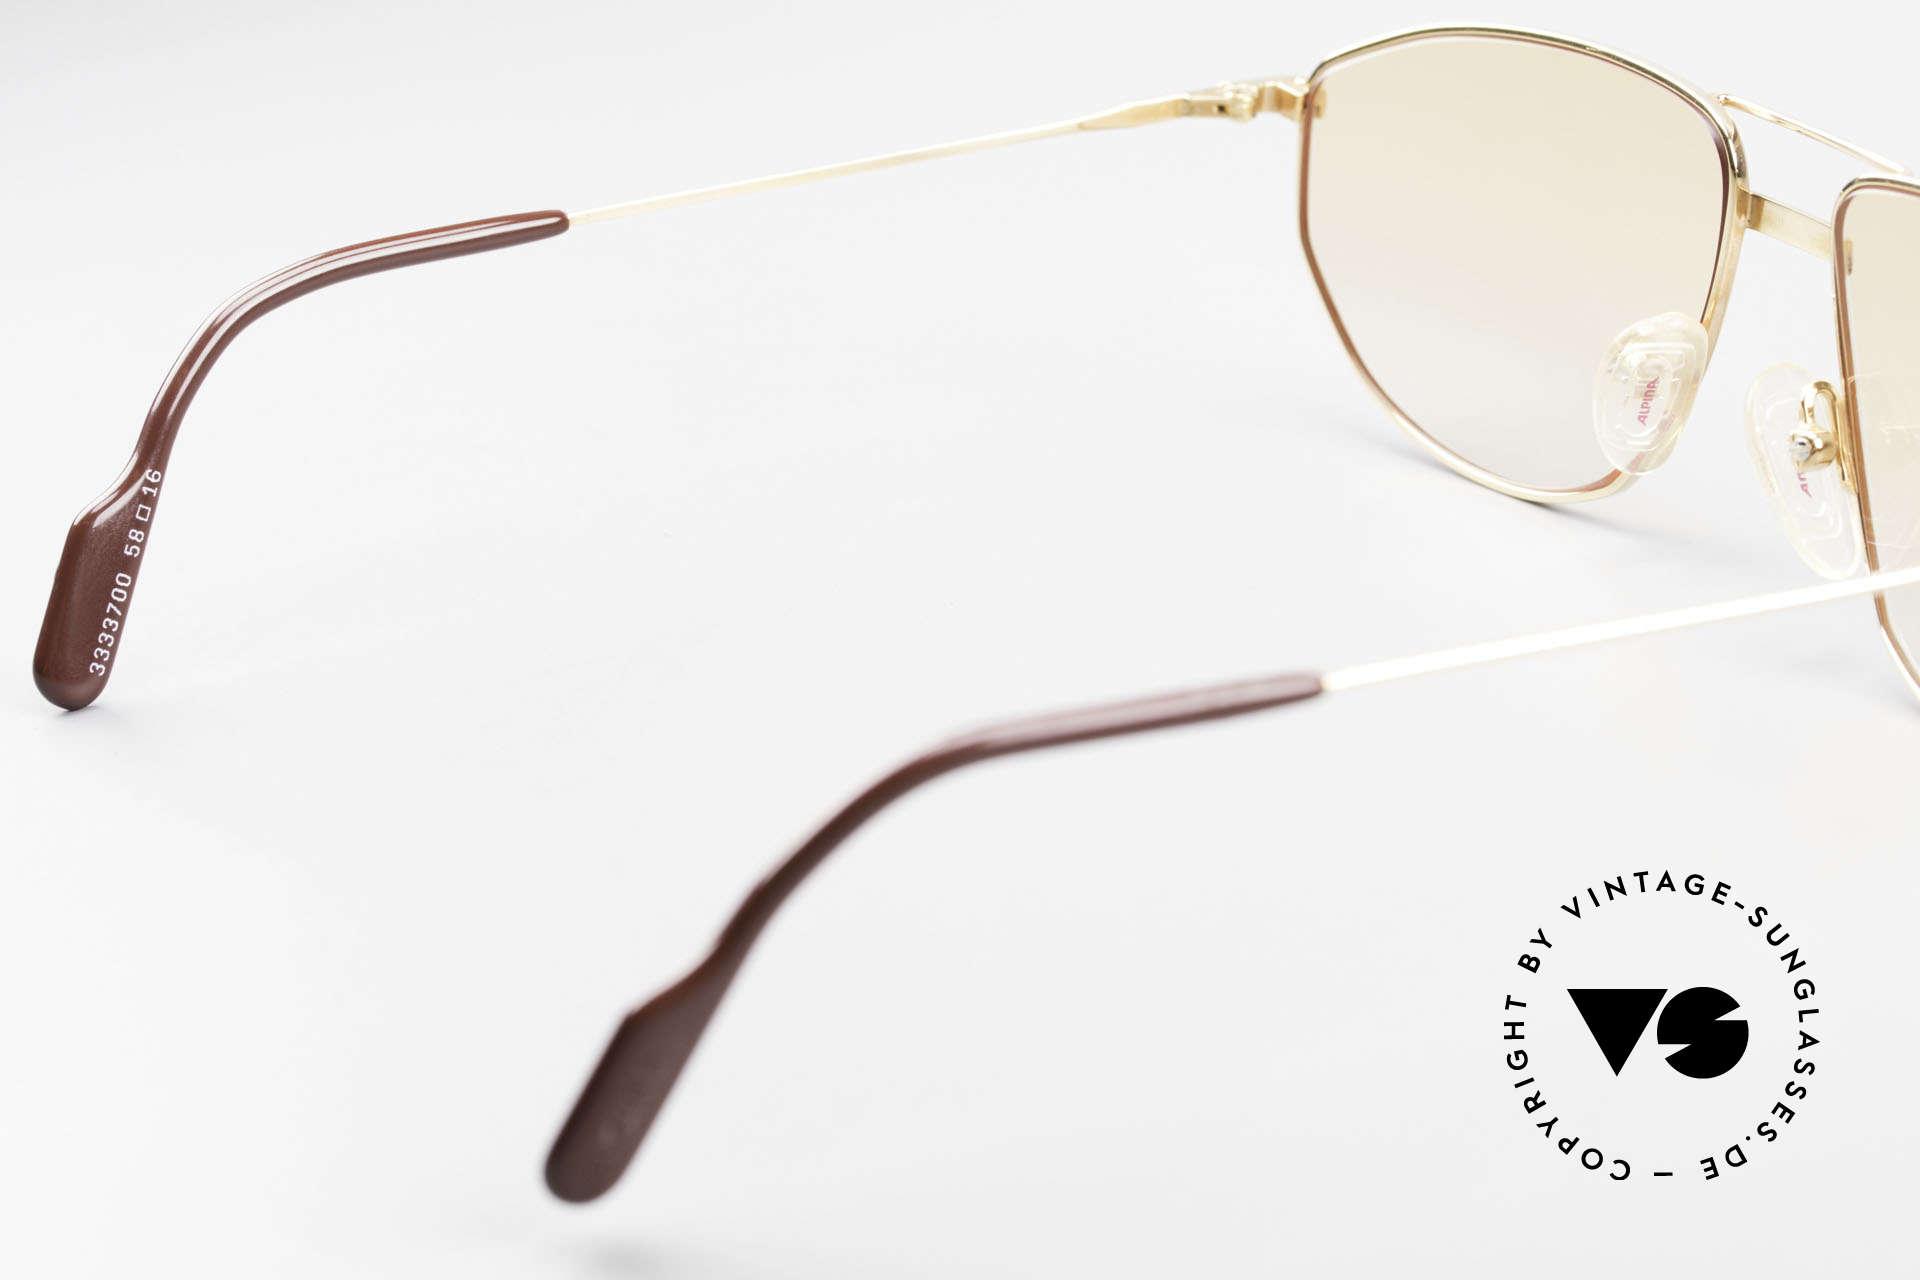 Alpina FM41 Stylische 80er Sonnenbrille, Sonnengläser orange-Verlauf (auch abends tragbar), Passend für Herren und Damen